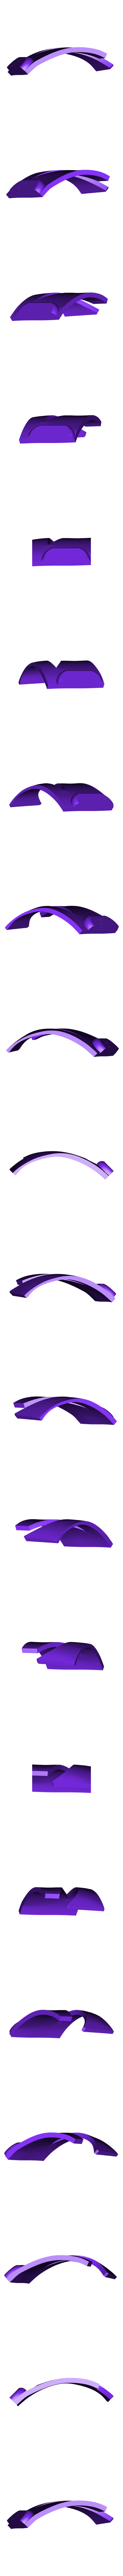 Part_2_v3.stl Download free STL file Sabine Wren Helmet Star Wars • Model to 3D print, VillainousPropShop